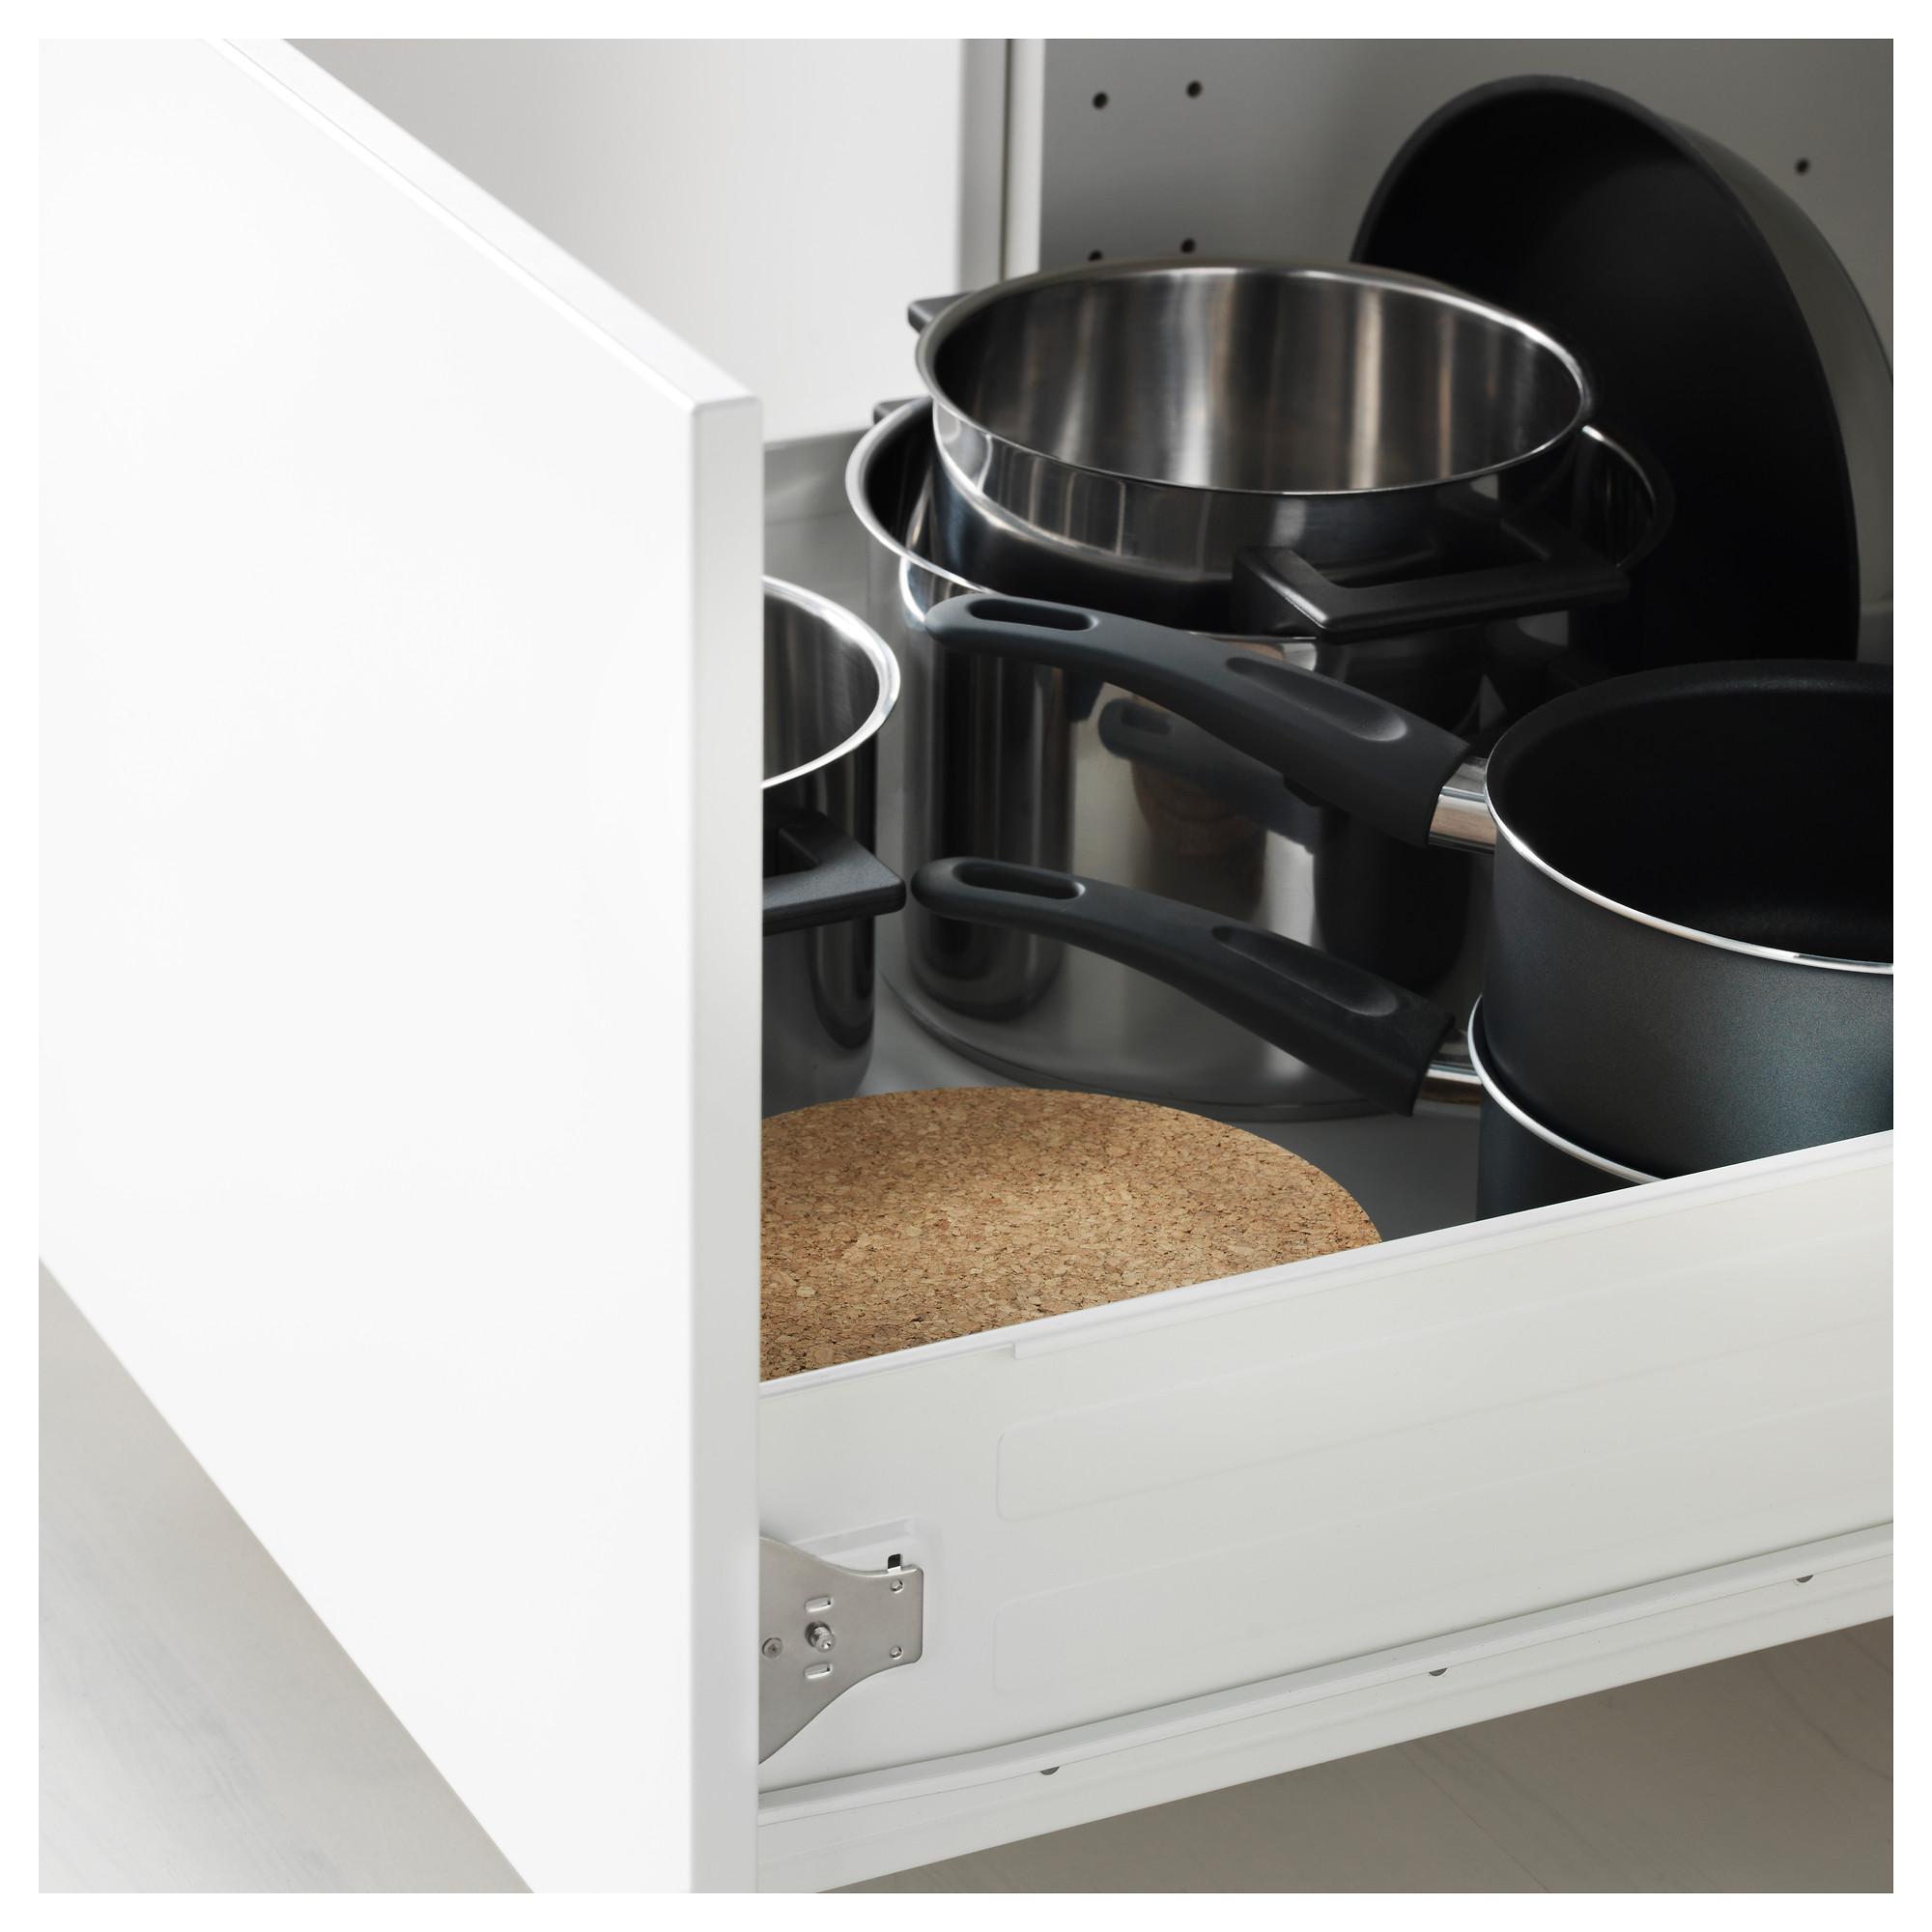 Высокий шкаф для духовки, дверца, 4 ящика МЕТОД / ФОРВАРА черный артикуль № 392.674.37 в наличии. Интернет магазин IKEA РБ. Быстрая доставка и соборка.